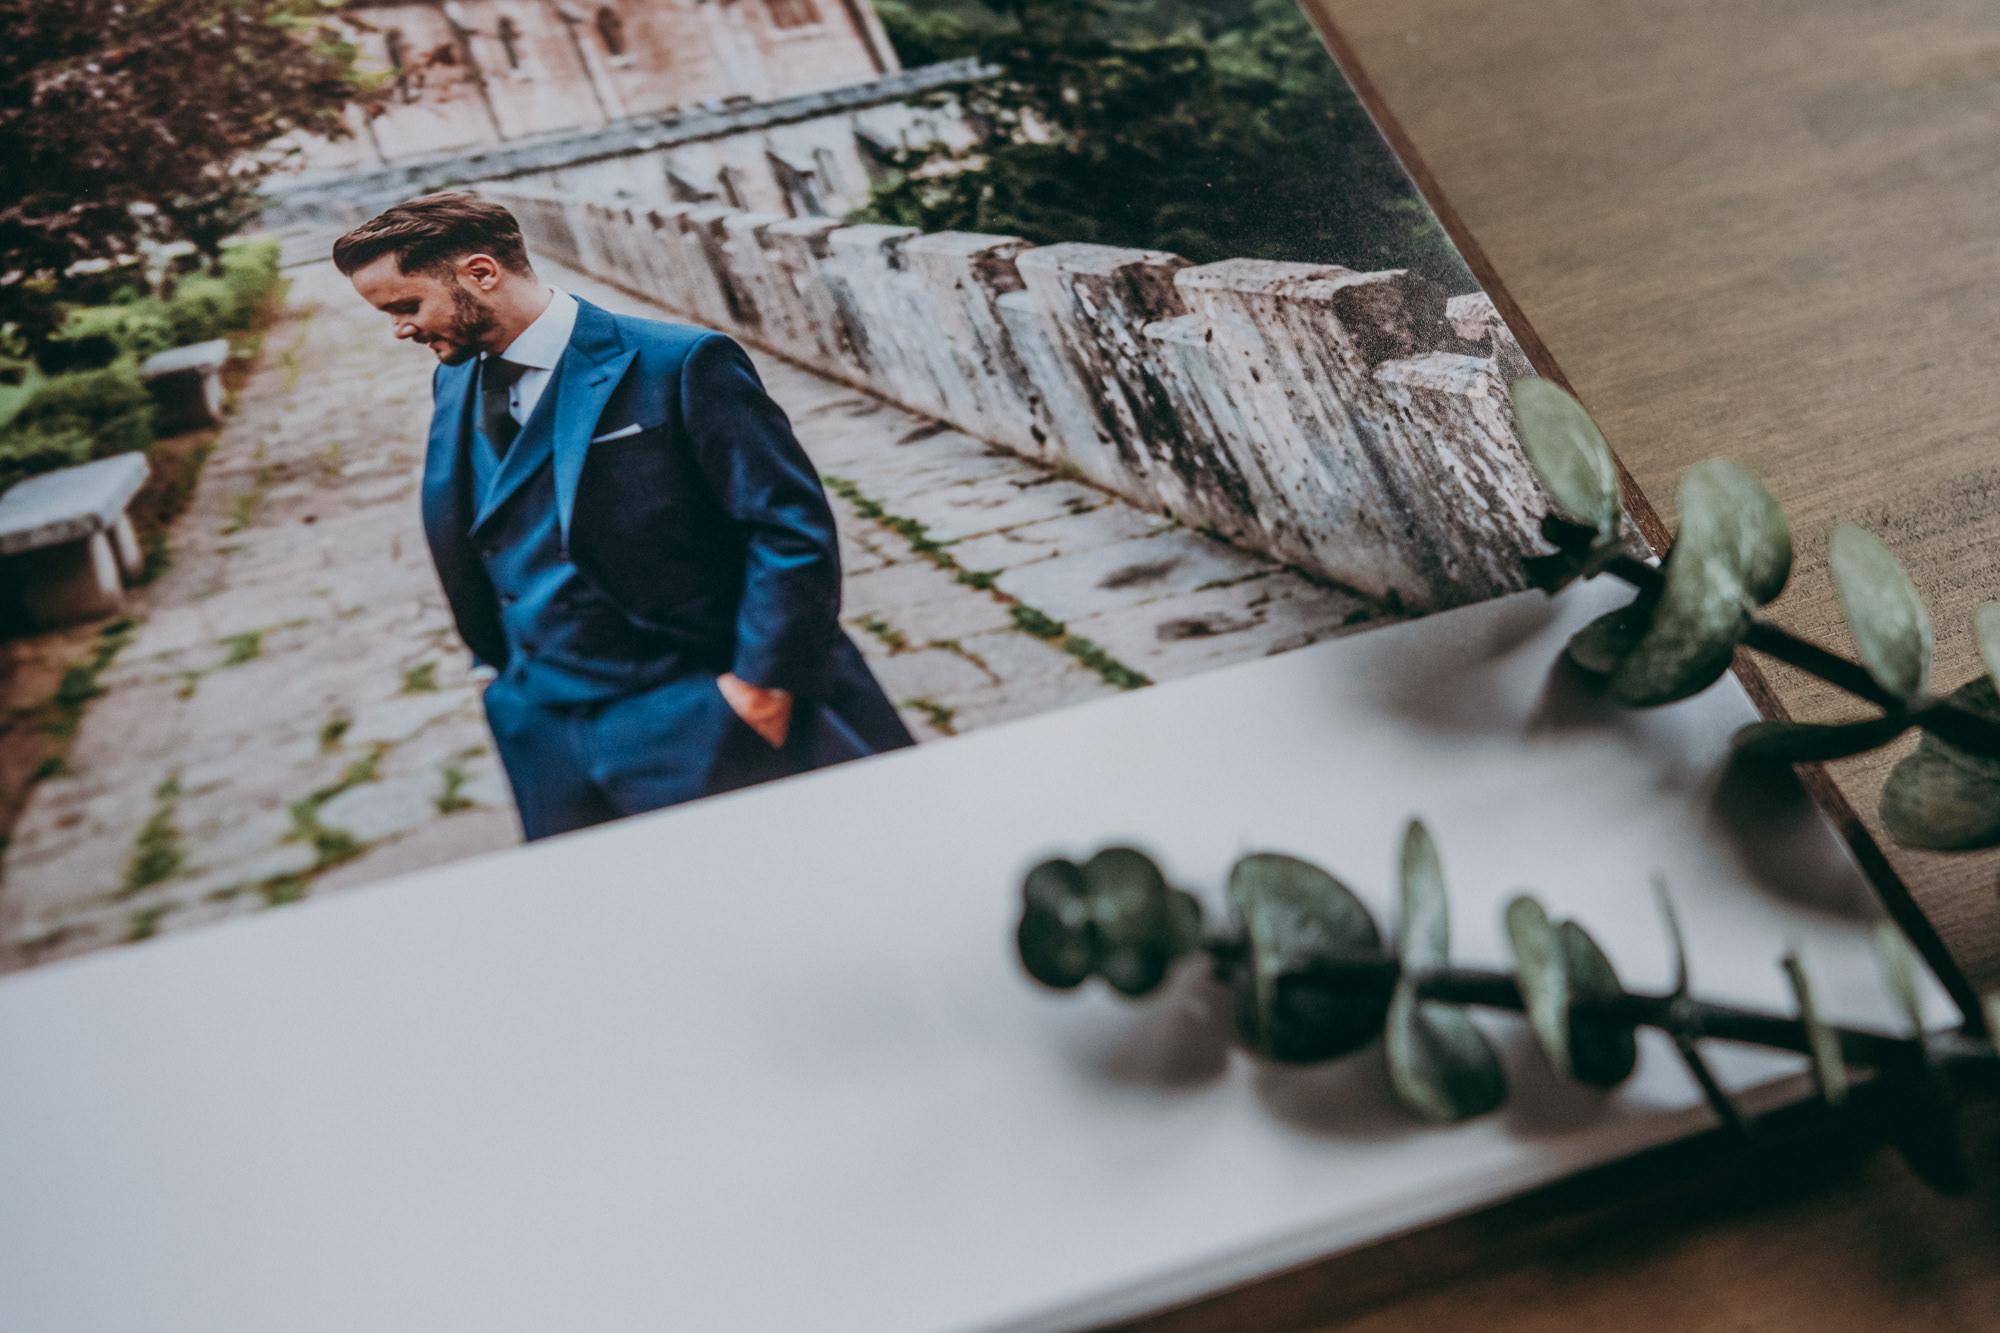 Álbumes digitales de boda en Asturias